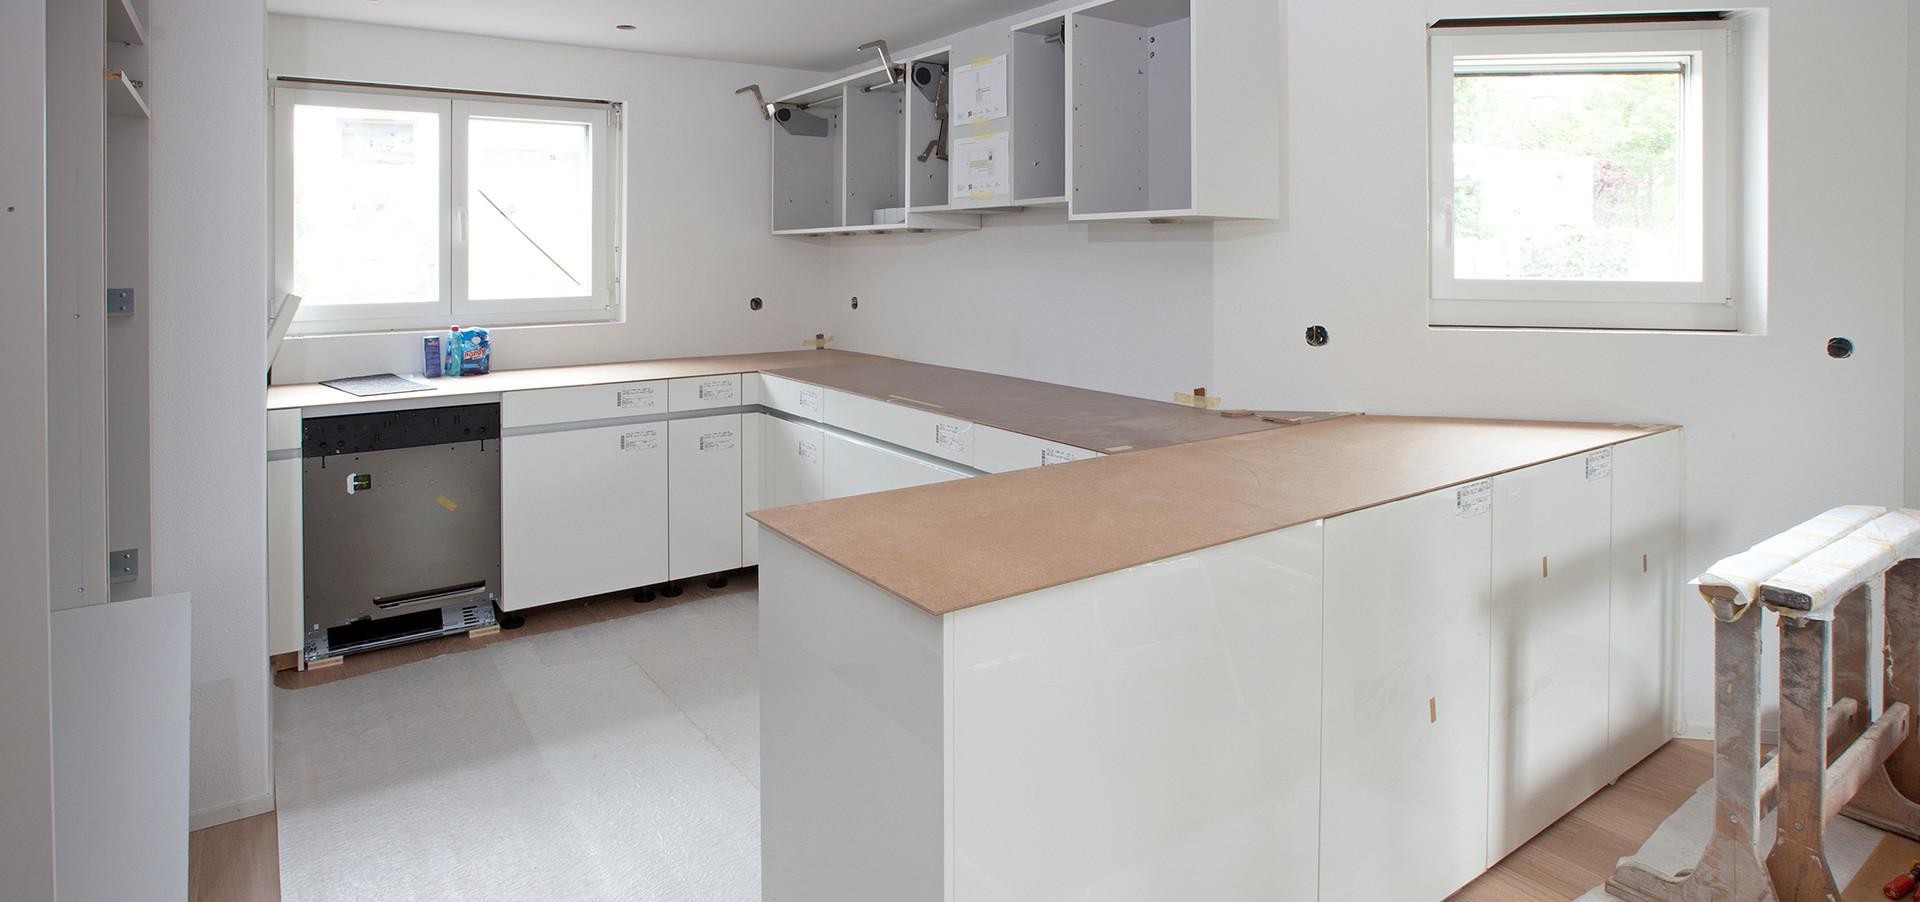 Einbau neue Küche